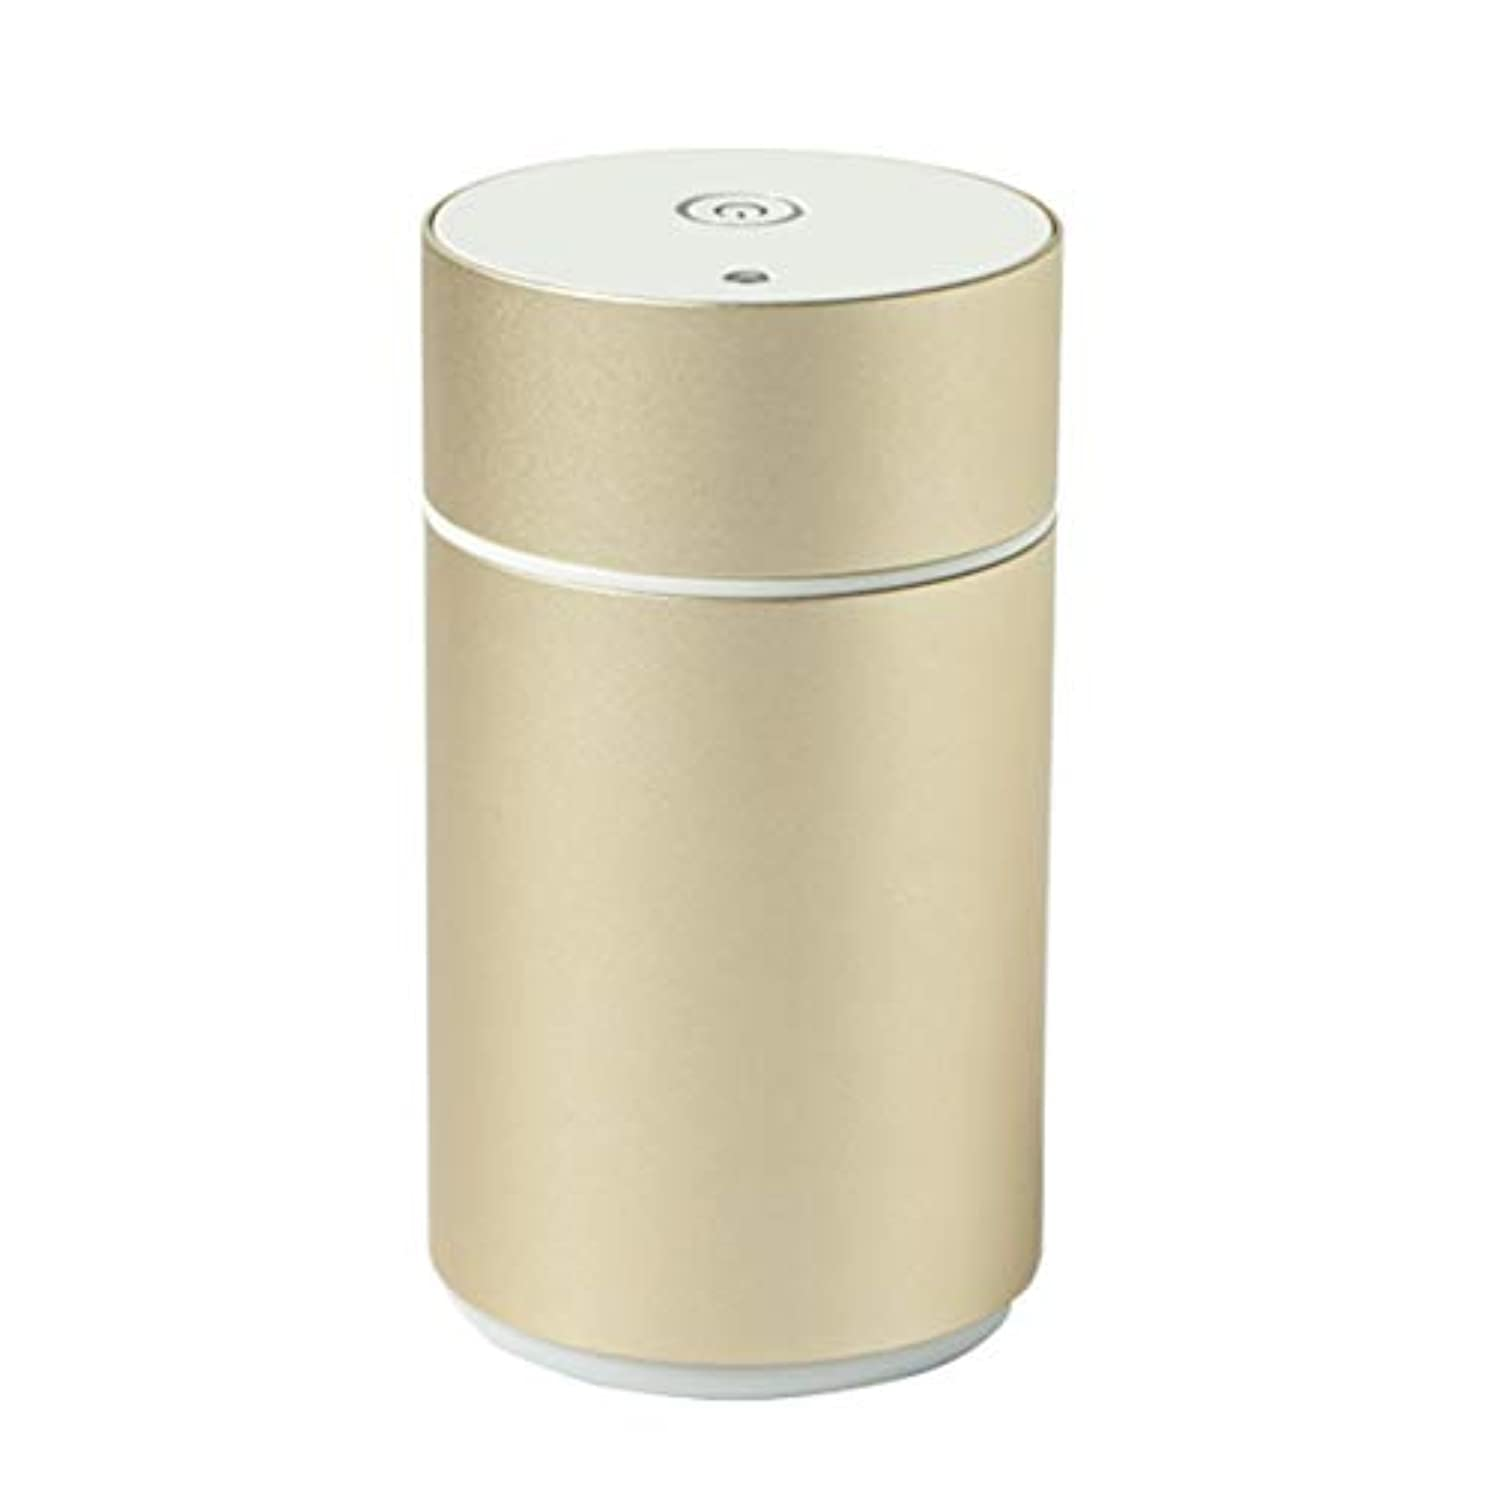 生活の木 アロモア ミニ ゴールド (aromore mini gold) (エッセンシャルオイルディフューザー) (圧縮微粒子式アロマディフューザー)